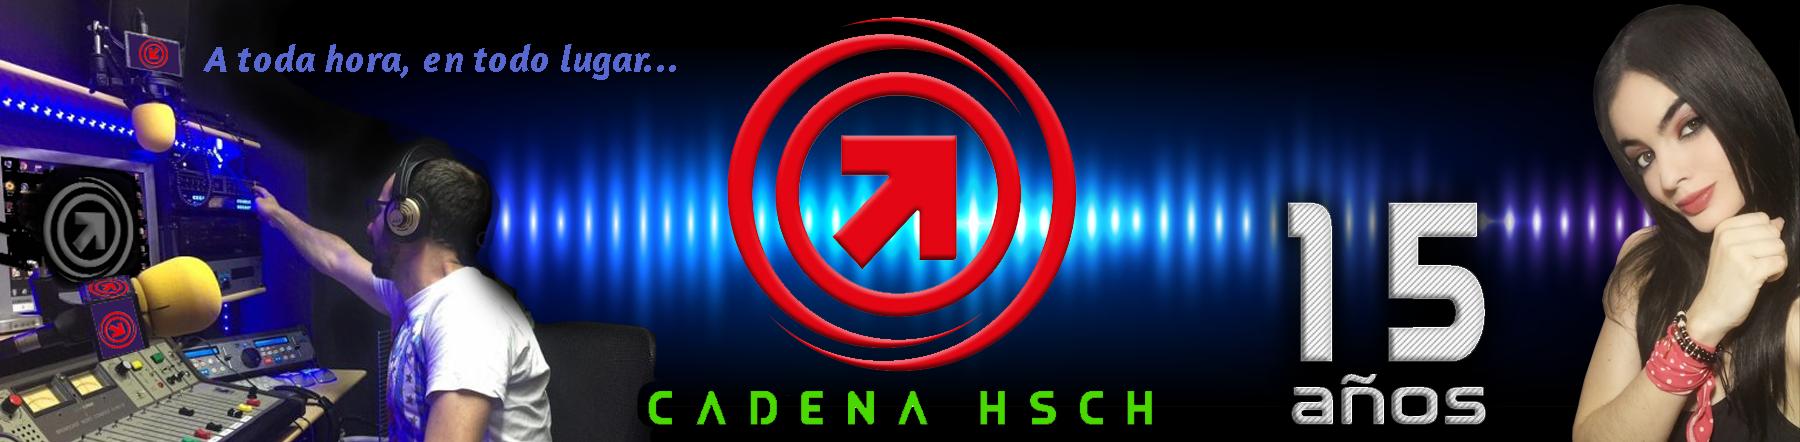 CADENA HSCH :: Radio - Televisión